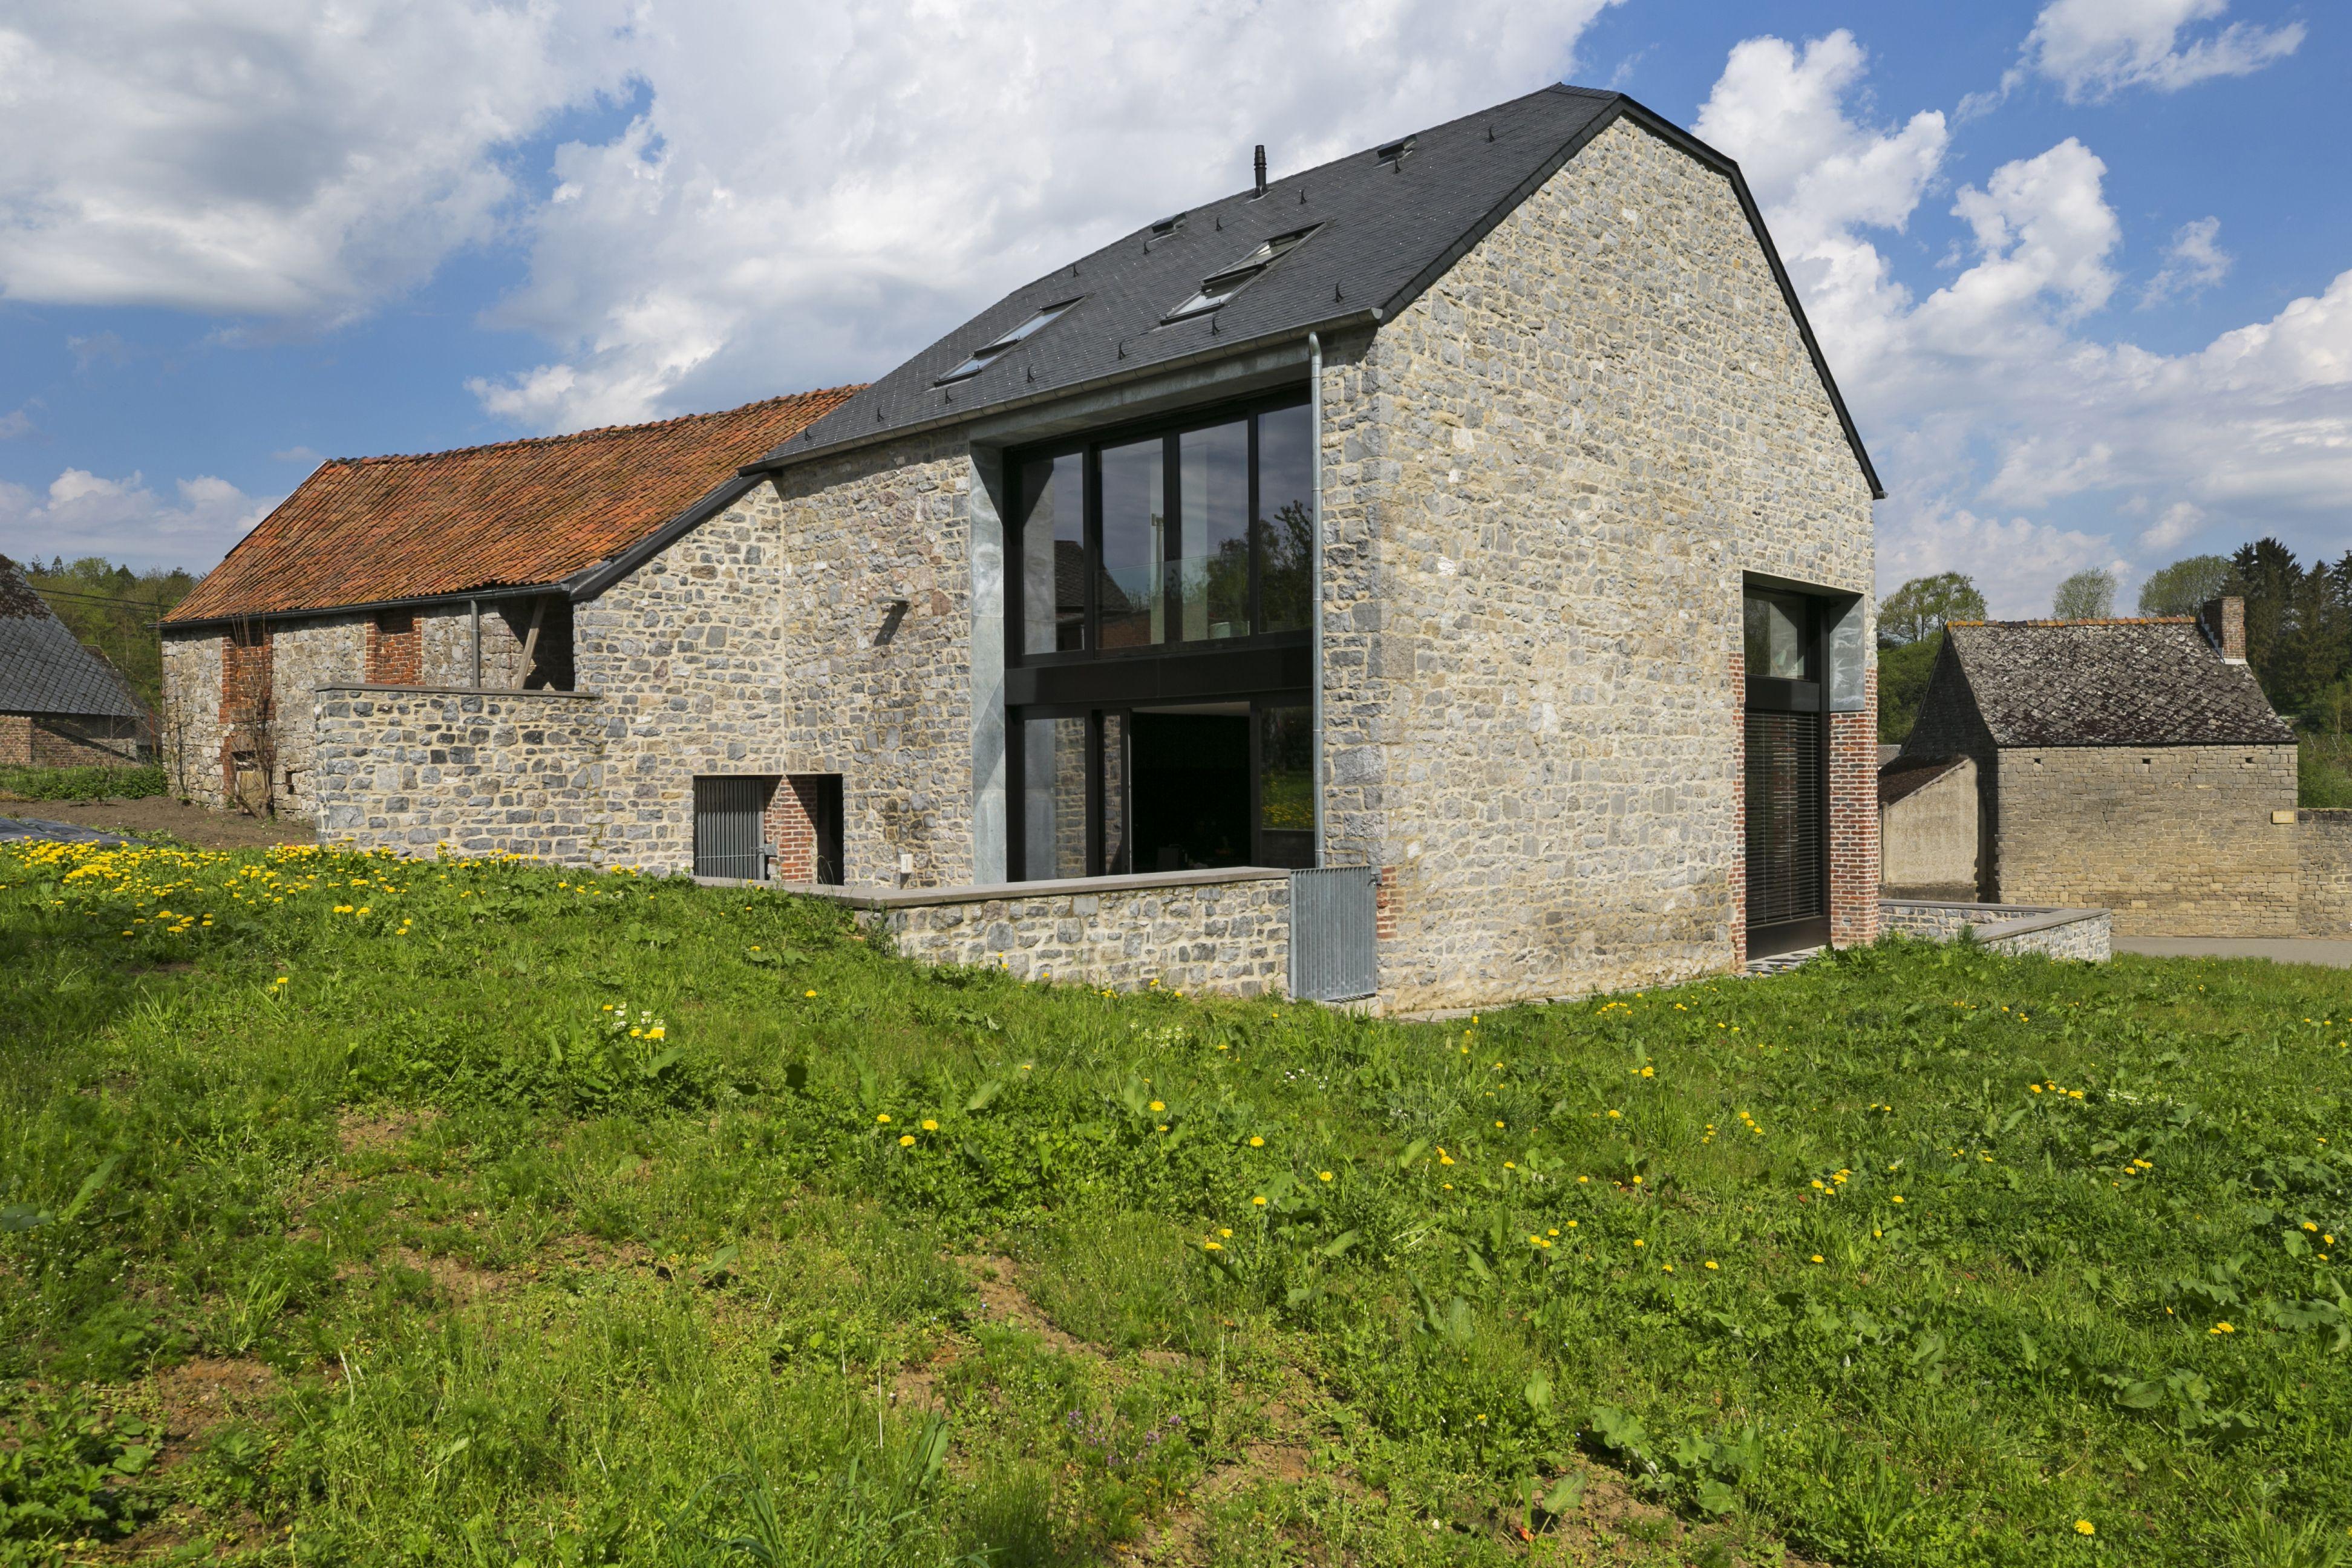 Architecture intérieure cuisine salle de bains brabant namur jodoigne